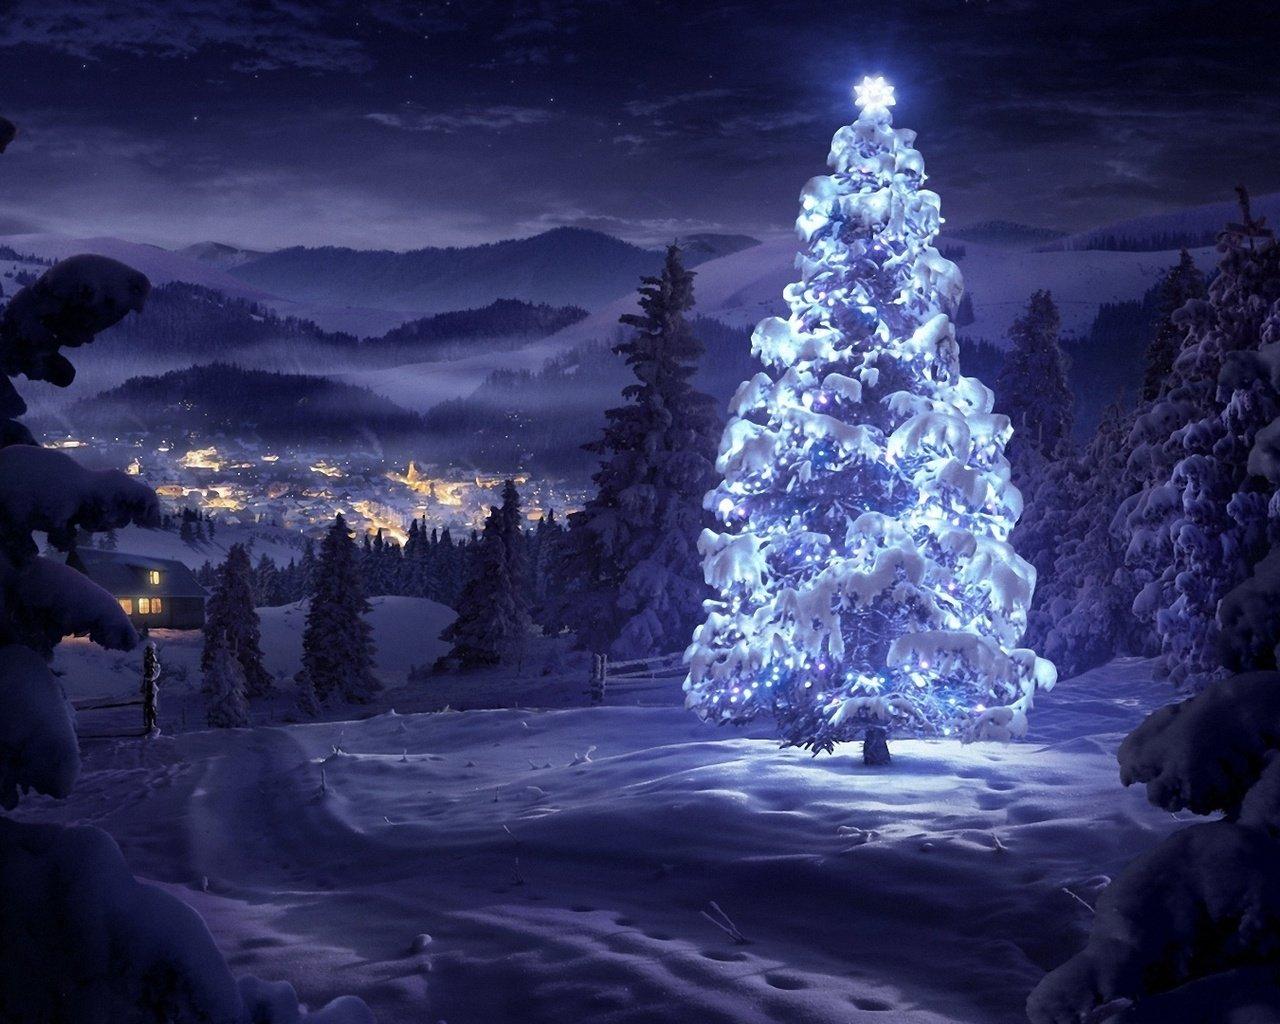 никола-зимний николыцина картинки рождественская ночь в лесу почему, прежде чем